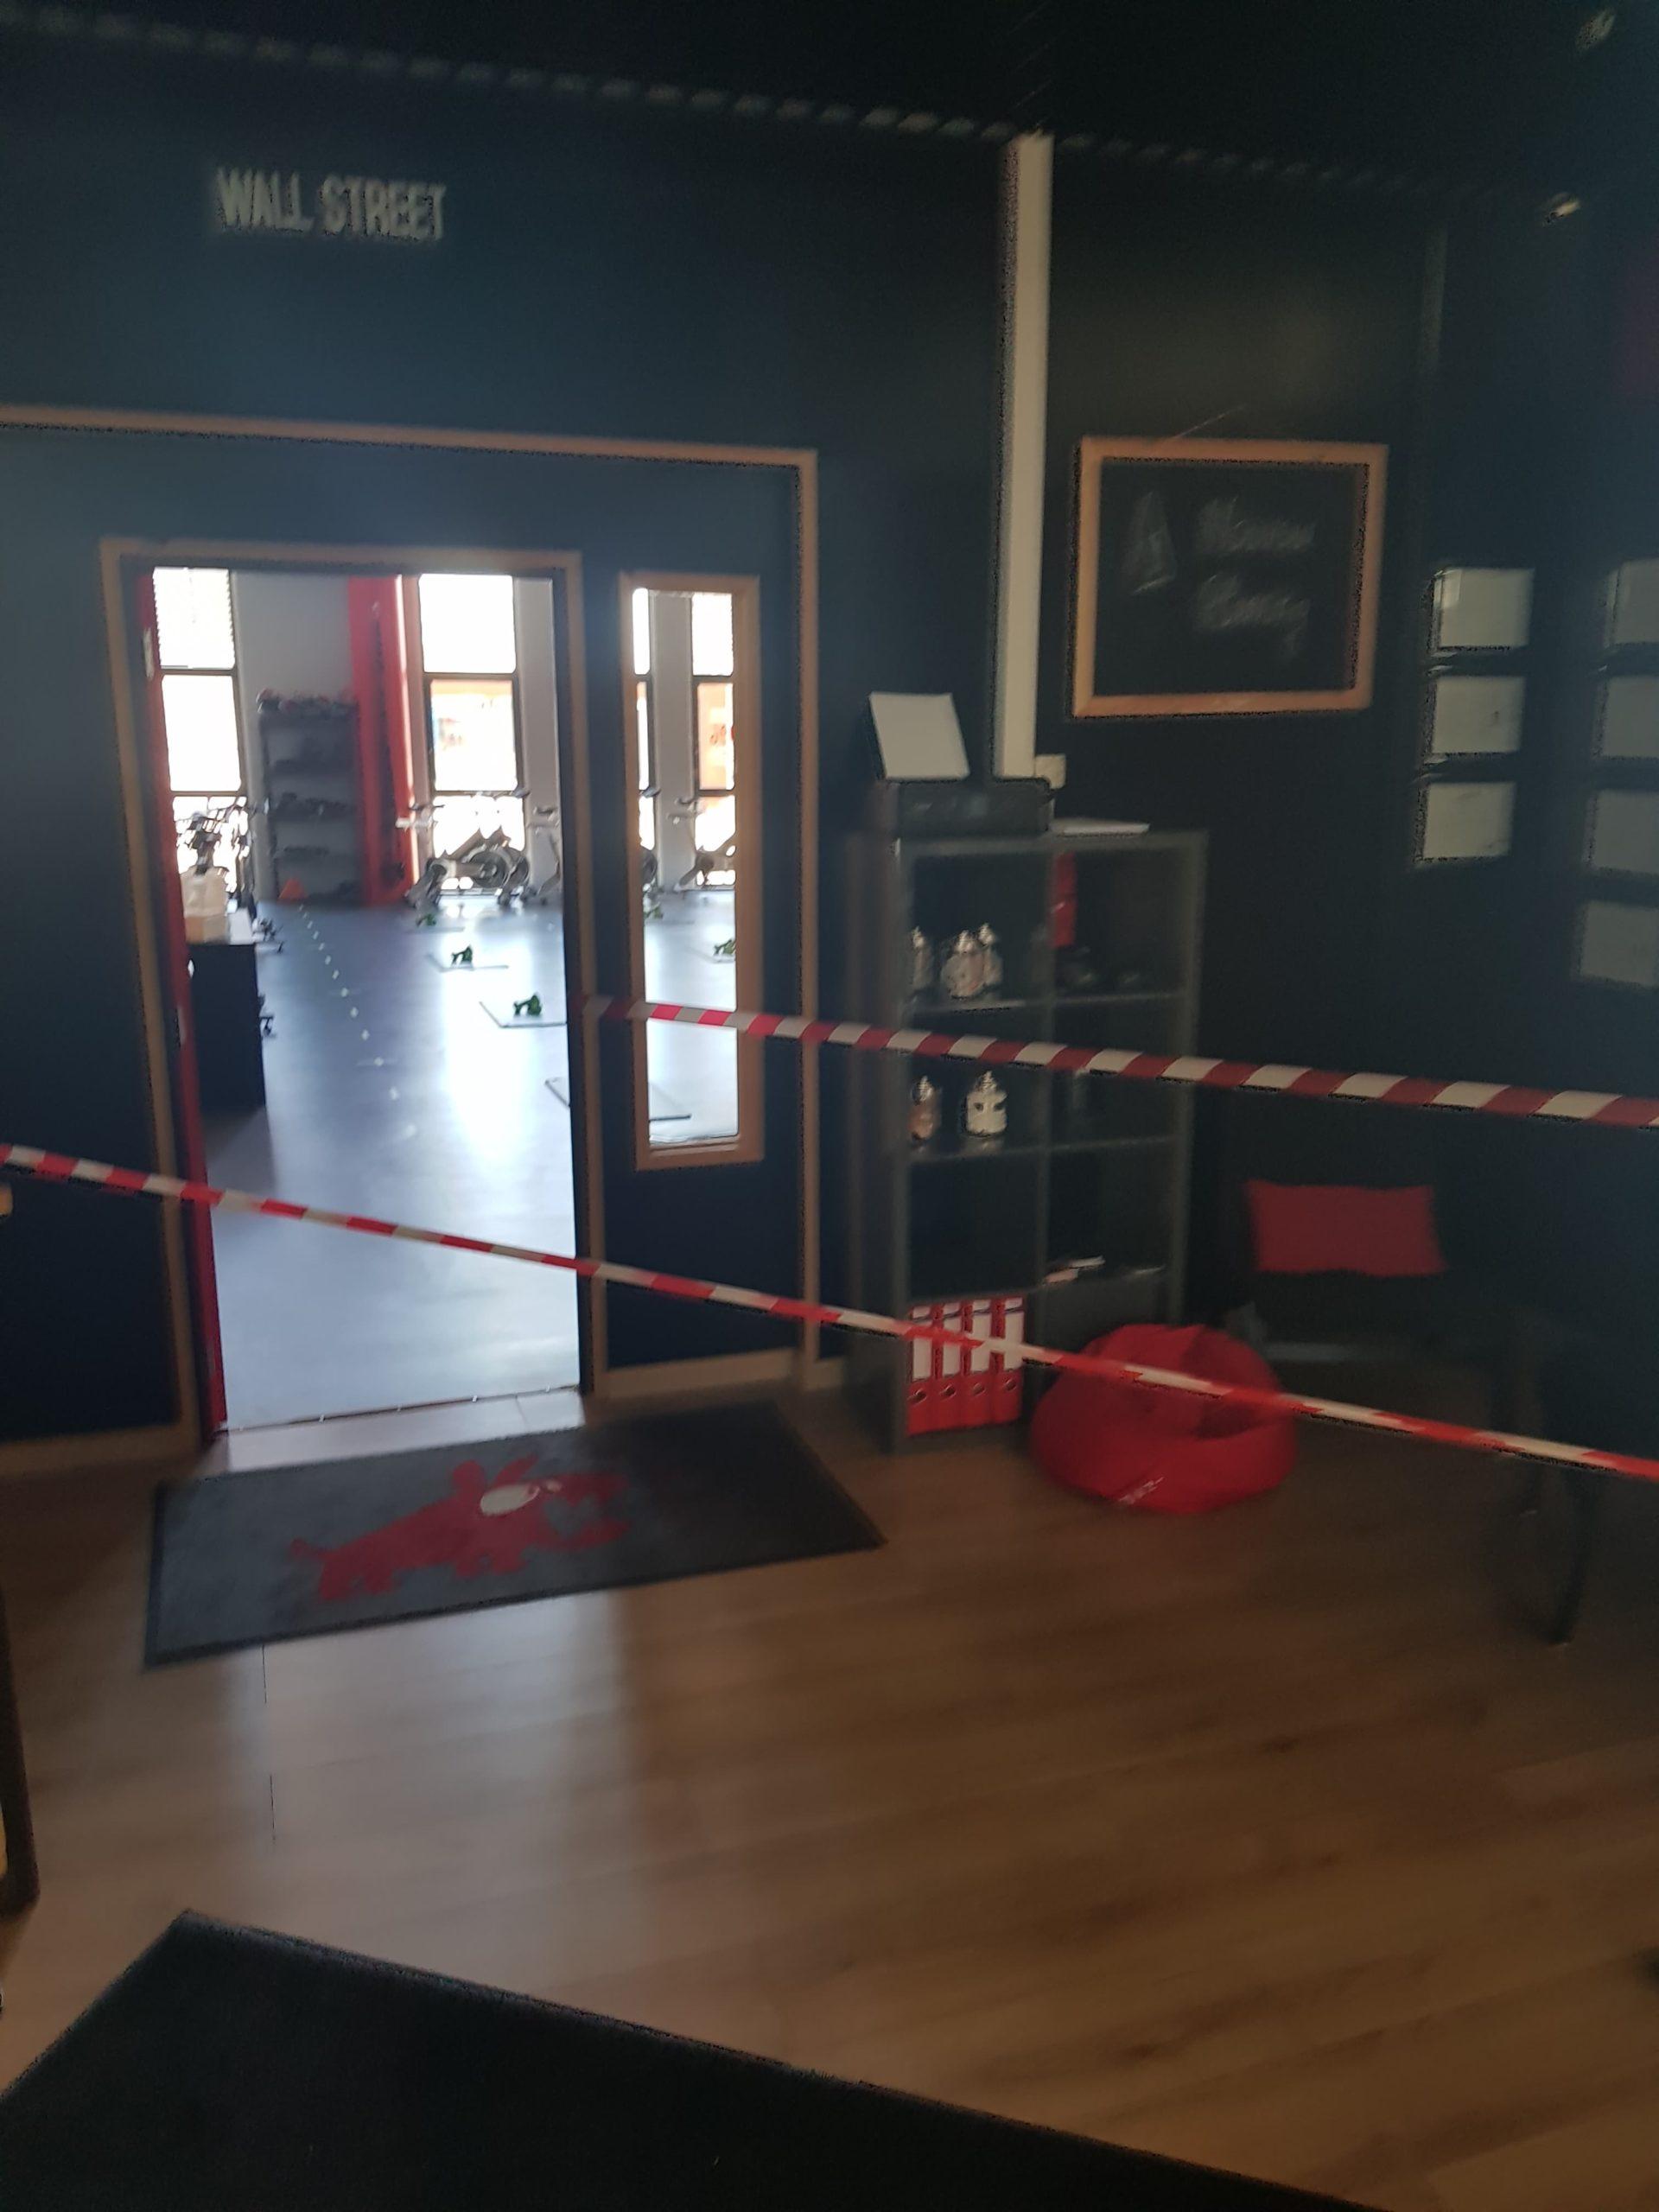 mesures barrières des rubalises oriente l'entrée dans la salled e sport